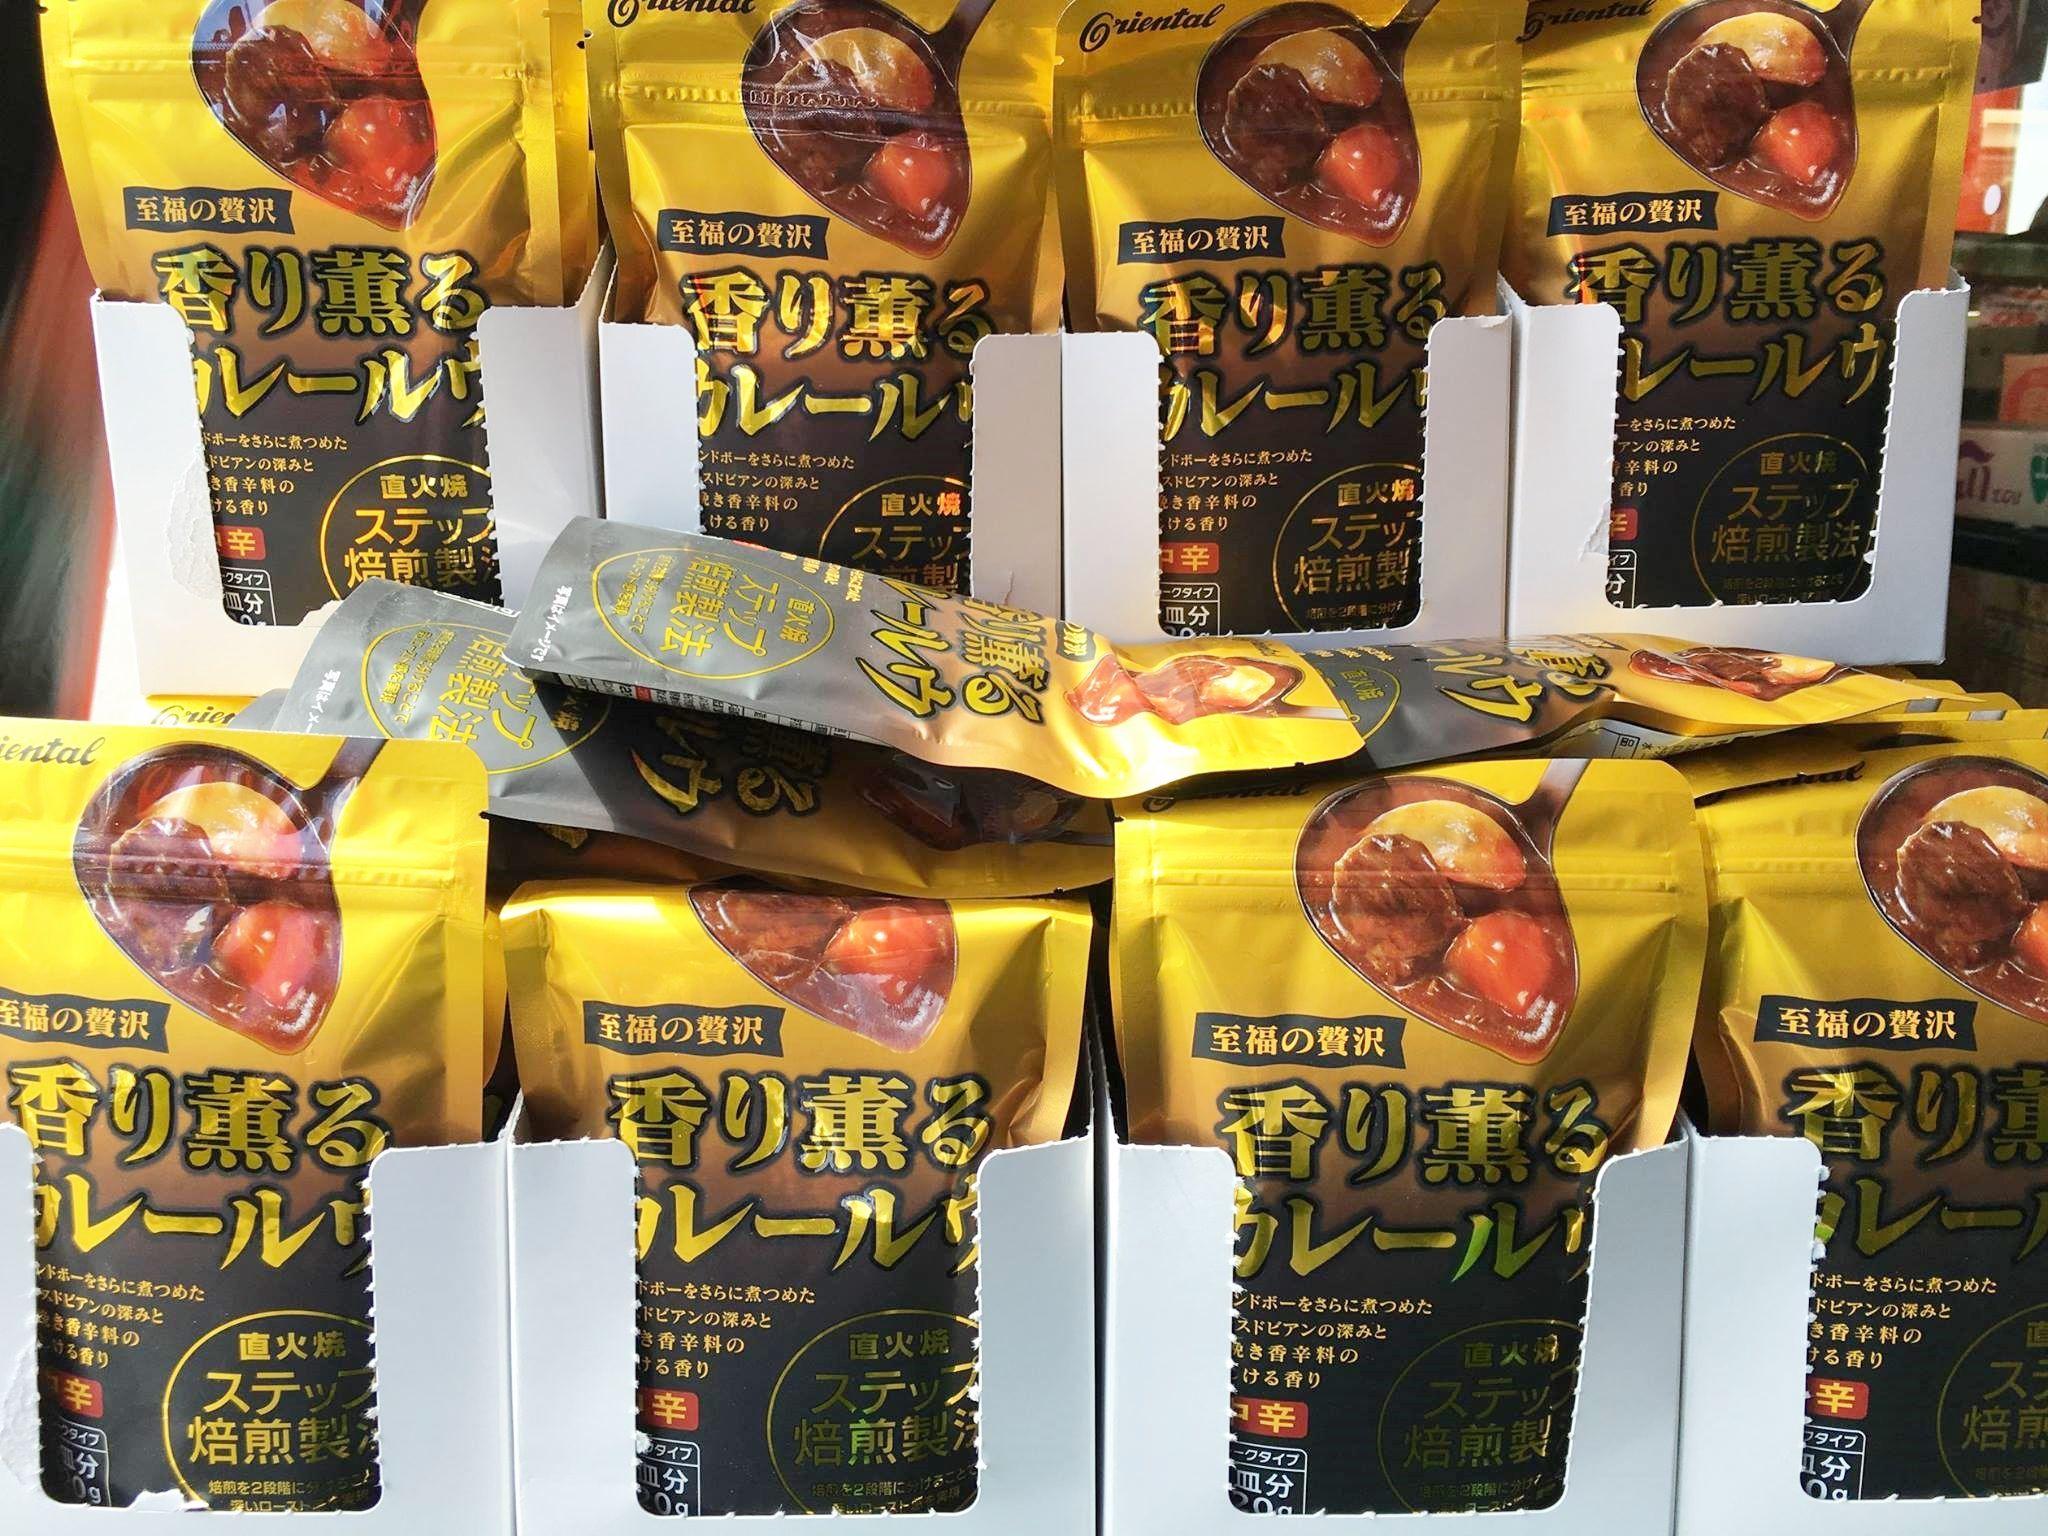 【試食販売のご案内】※岐阜県関市 6月14日(火曜日)10:00~17:00(予定) 岐阜県関市にある生鮮食品スーパー「山憲商店 関店」様にて、試食販売を行います。 当日は、ご好評いただいている香り薫るカレールウを使ったアレンジ料理をご紹介いたします♪ ホールクミンと粗挽き胡椒による「香り高さ」、フォンドボーを煮詰めたグラスドビアンによる「コクとうま味」をお楽しみいただけます♪♪ 粉末ルウなので、アレンジ料理にも最適です。 この機会に是非一度ご賞味くださいませ。 ◆山憲商店 関店◆  【 住所 】岐阜県関市千年町1丁目22番地 【営業時間】10:00~20:00 【 URL 】http://yamakenshouten.com/